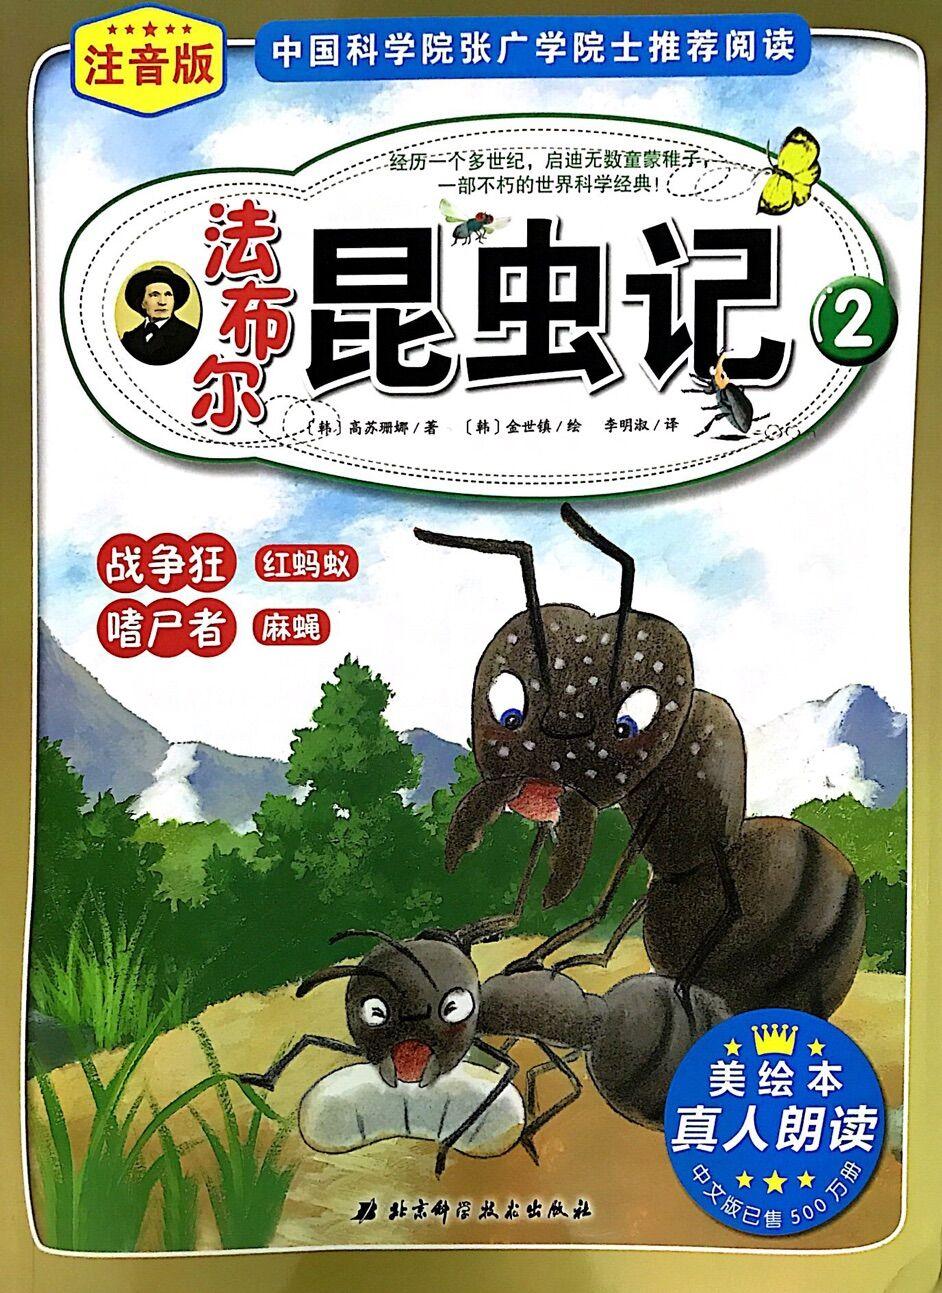 法布尔昆虫记:战争狂红蚂蚁 嗜尸者麻蝇